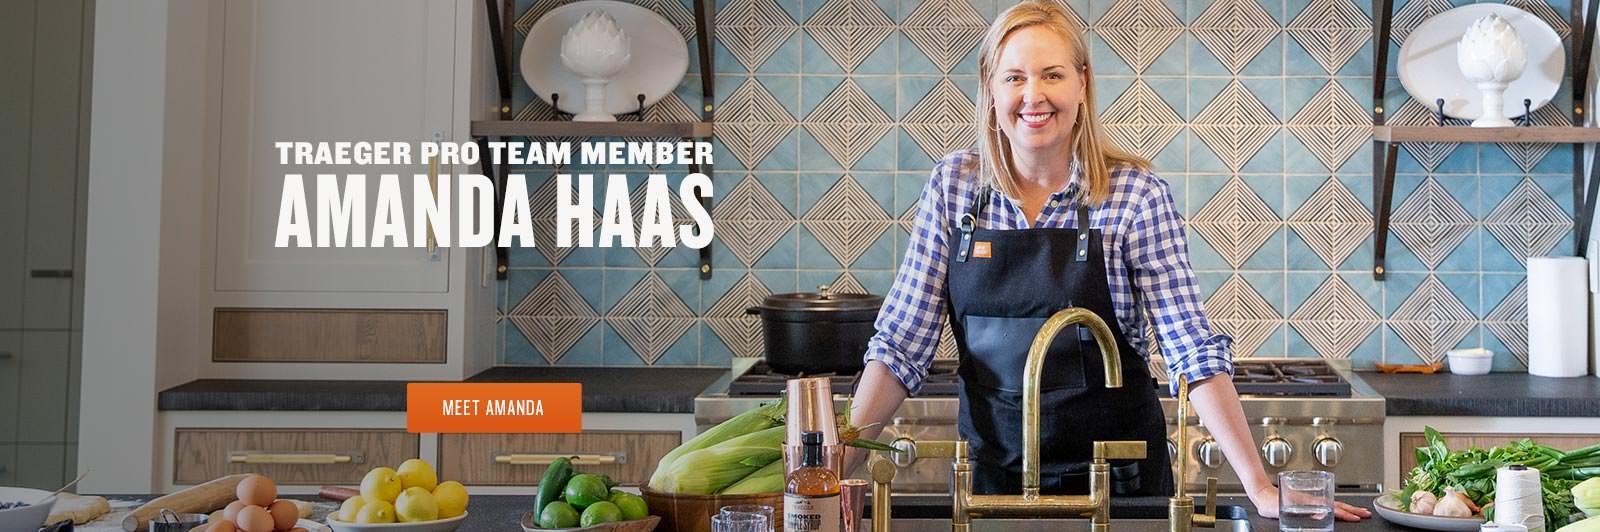 Meet Amanda Haas